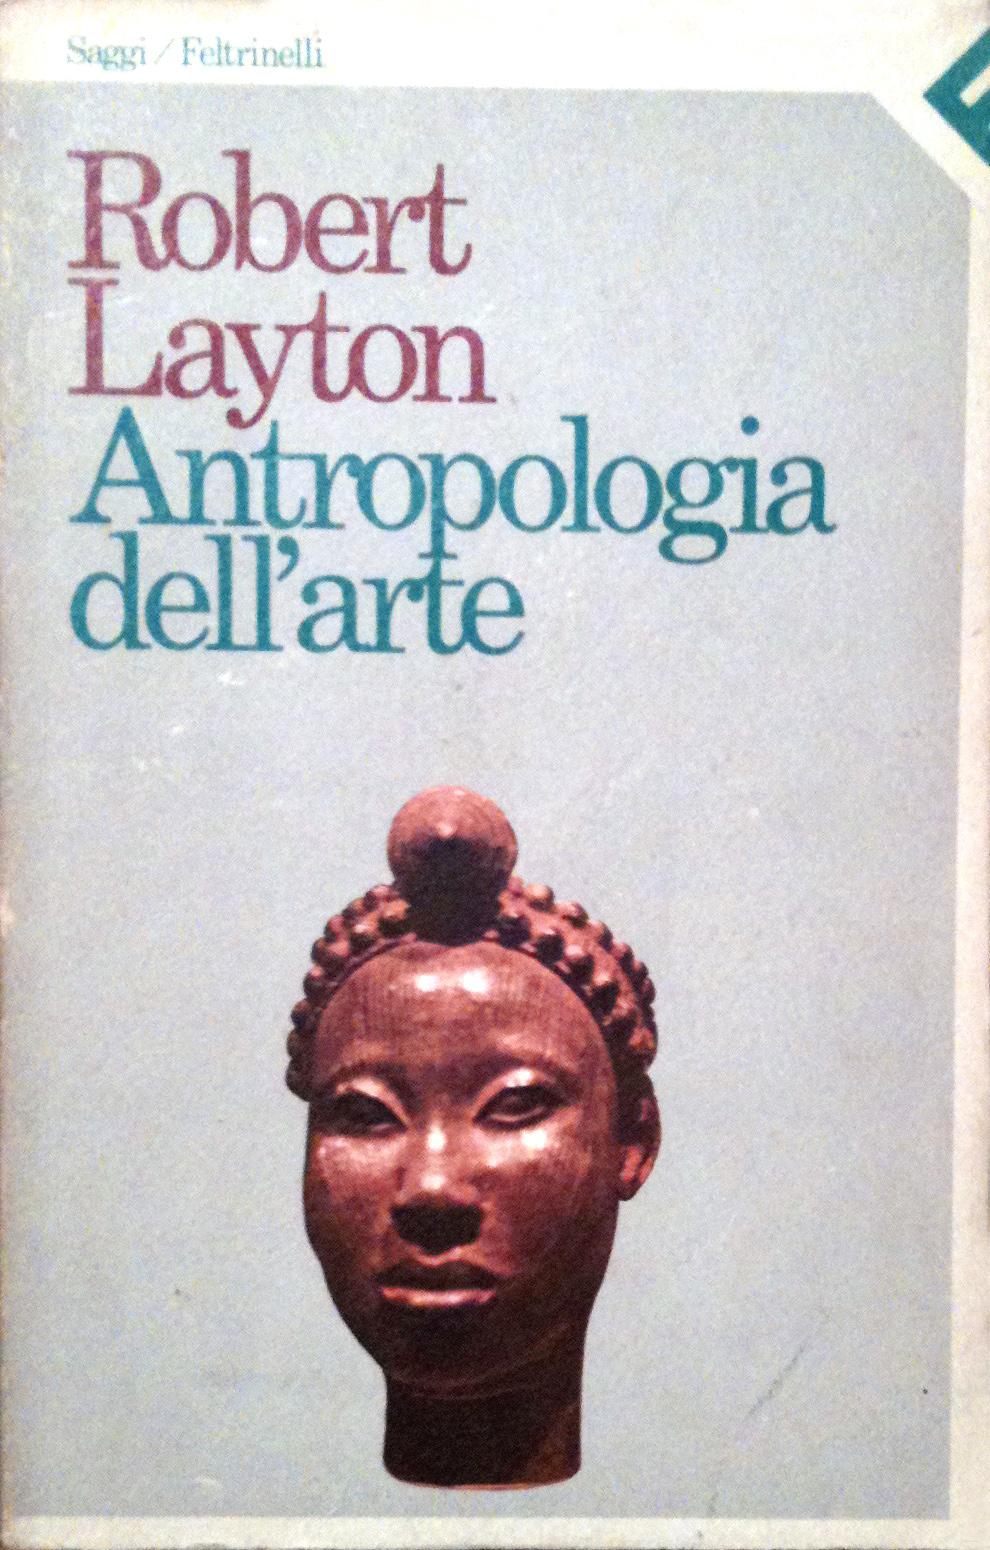 Antropologia dell'arte